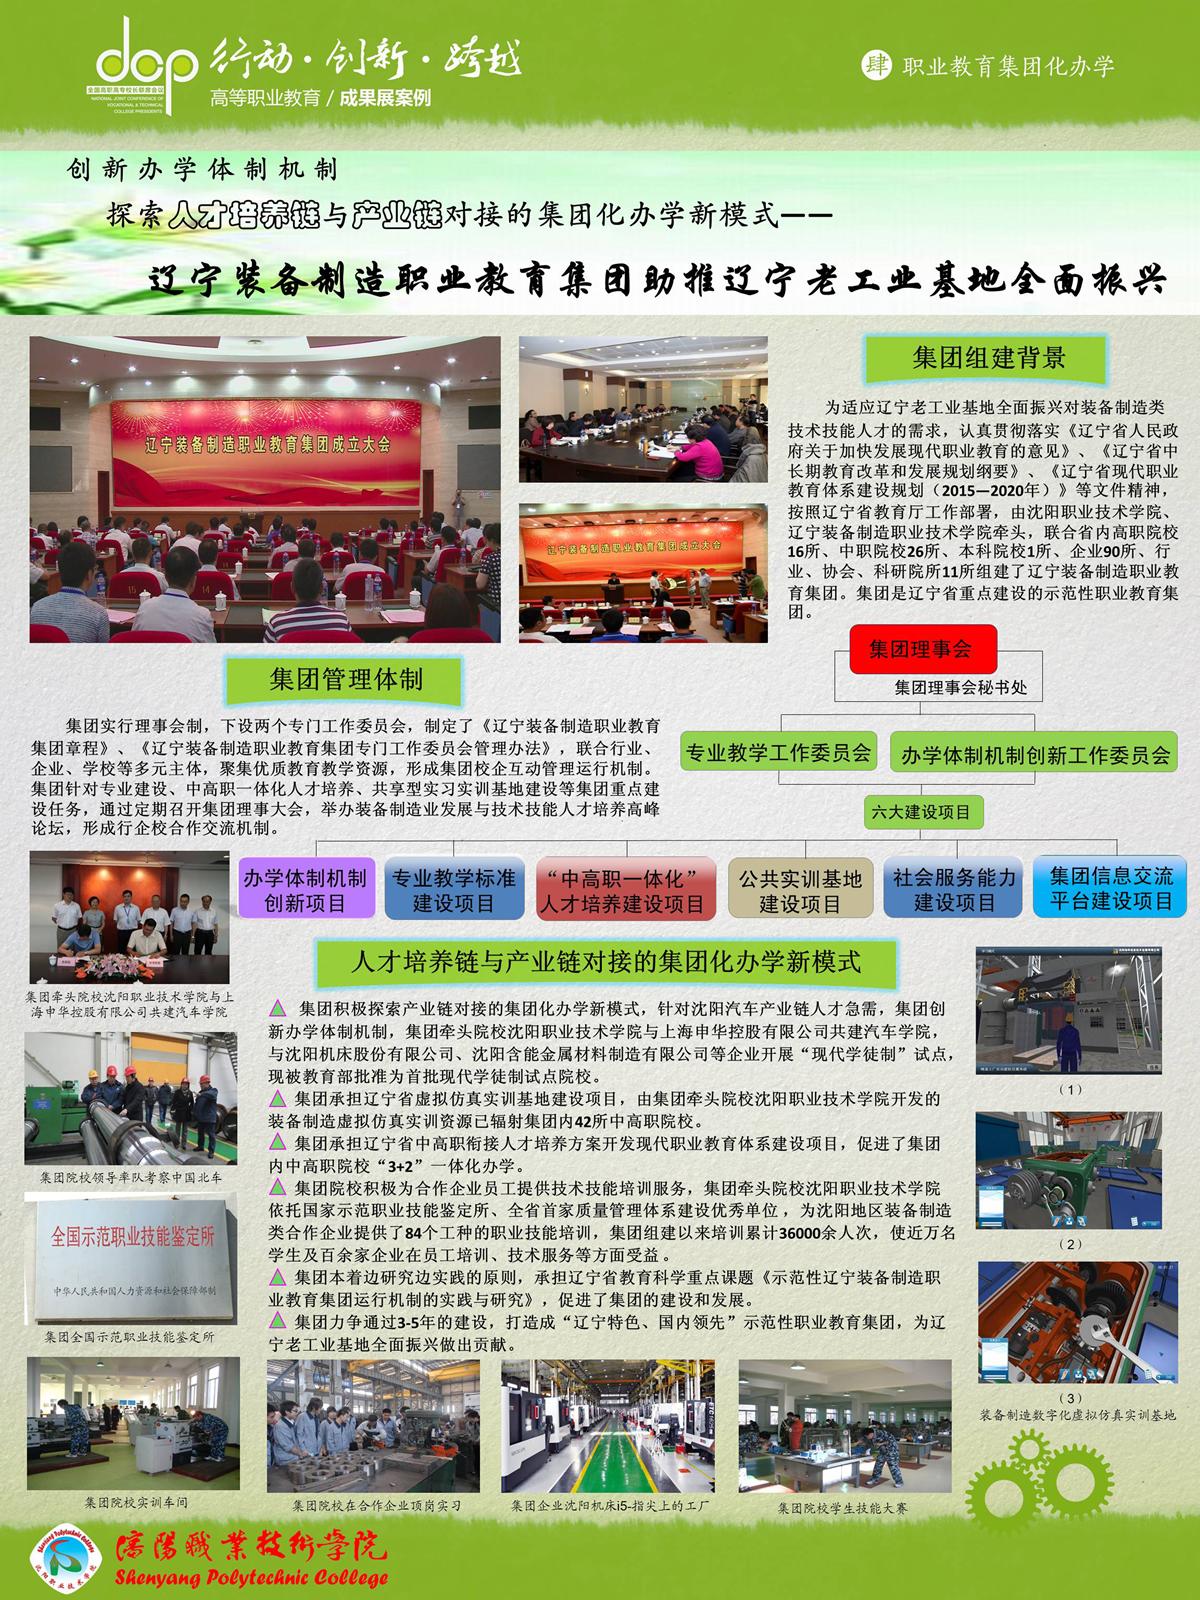 8沈阳职业技术学院宣传展板职业教育集团化办学.jpg